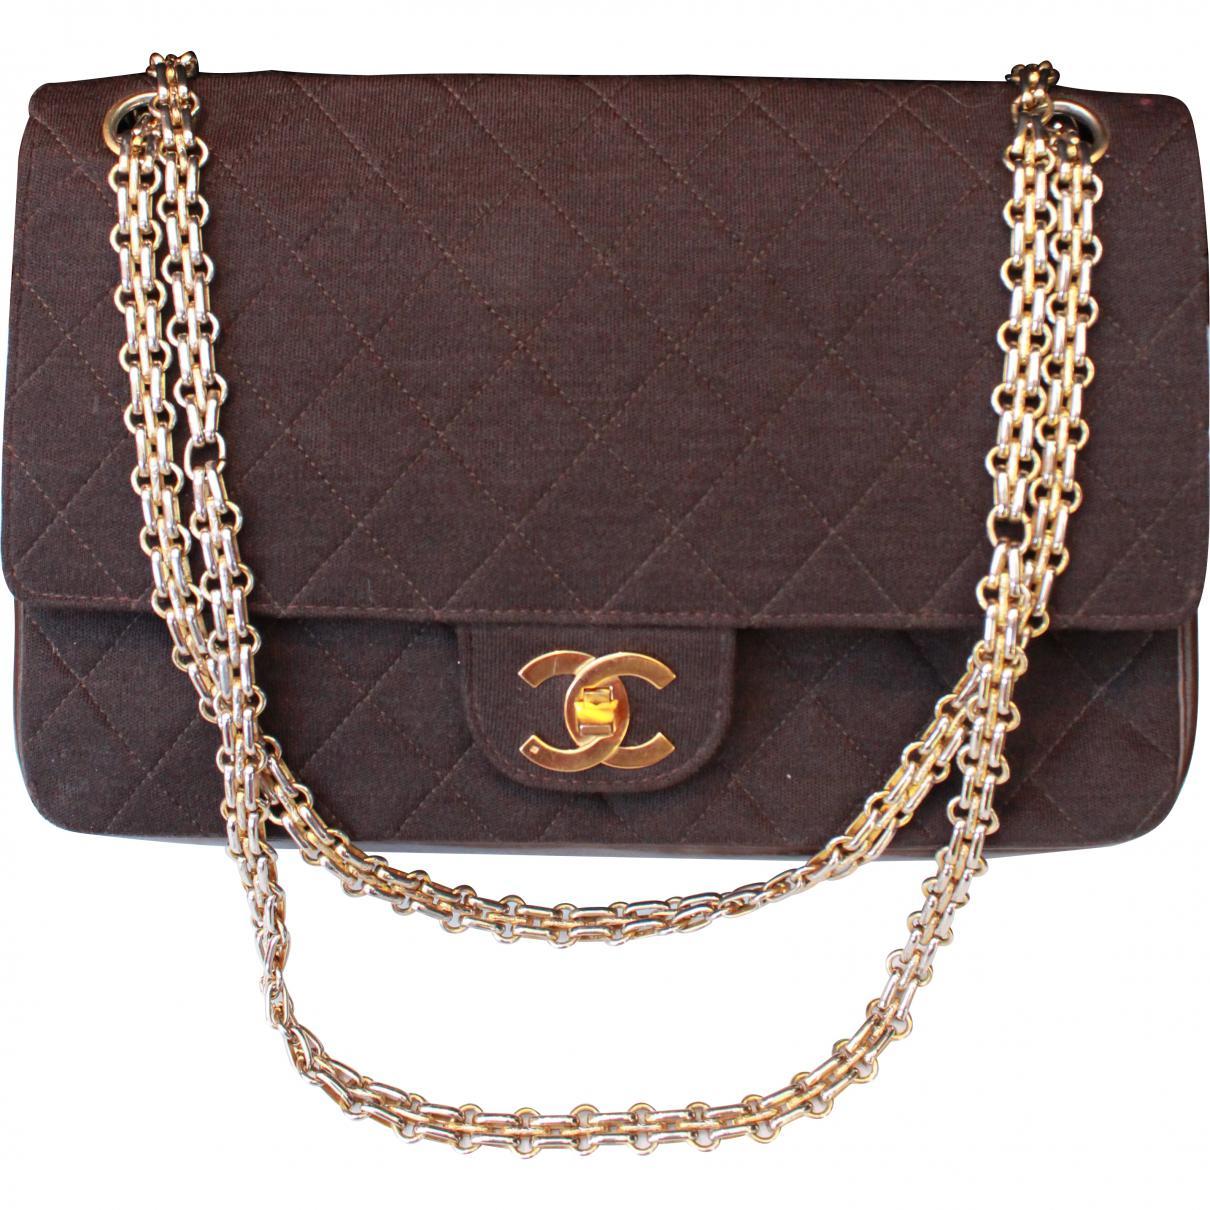 b4ee12d8dc Sac à main Timeless Chanel en coloris Marron - Lyst